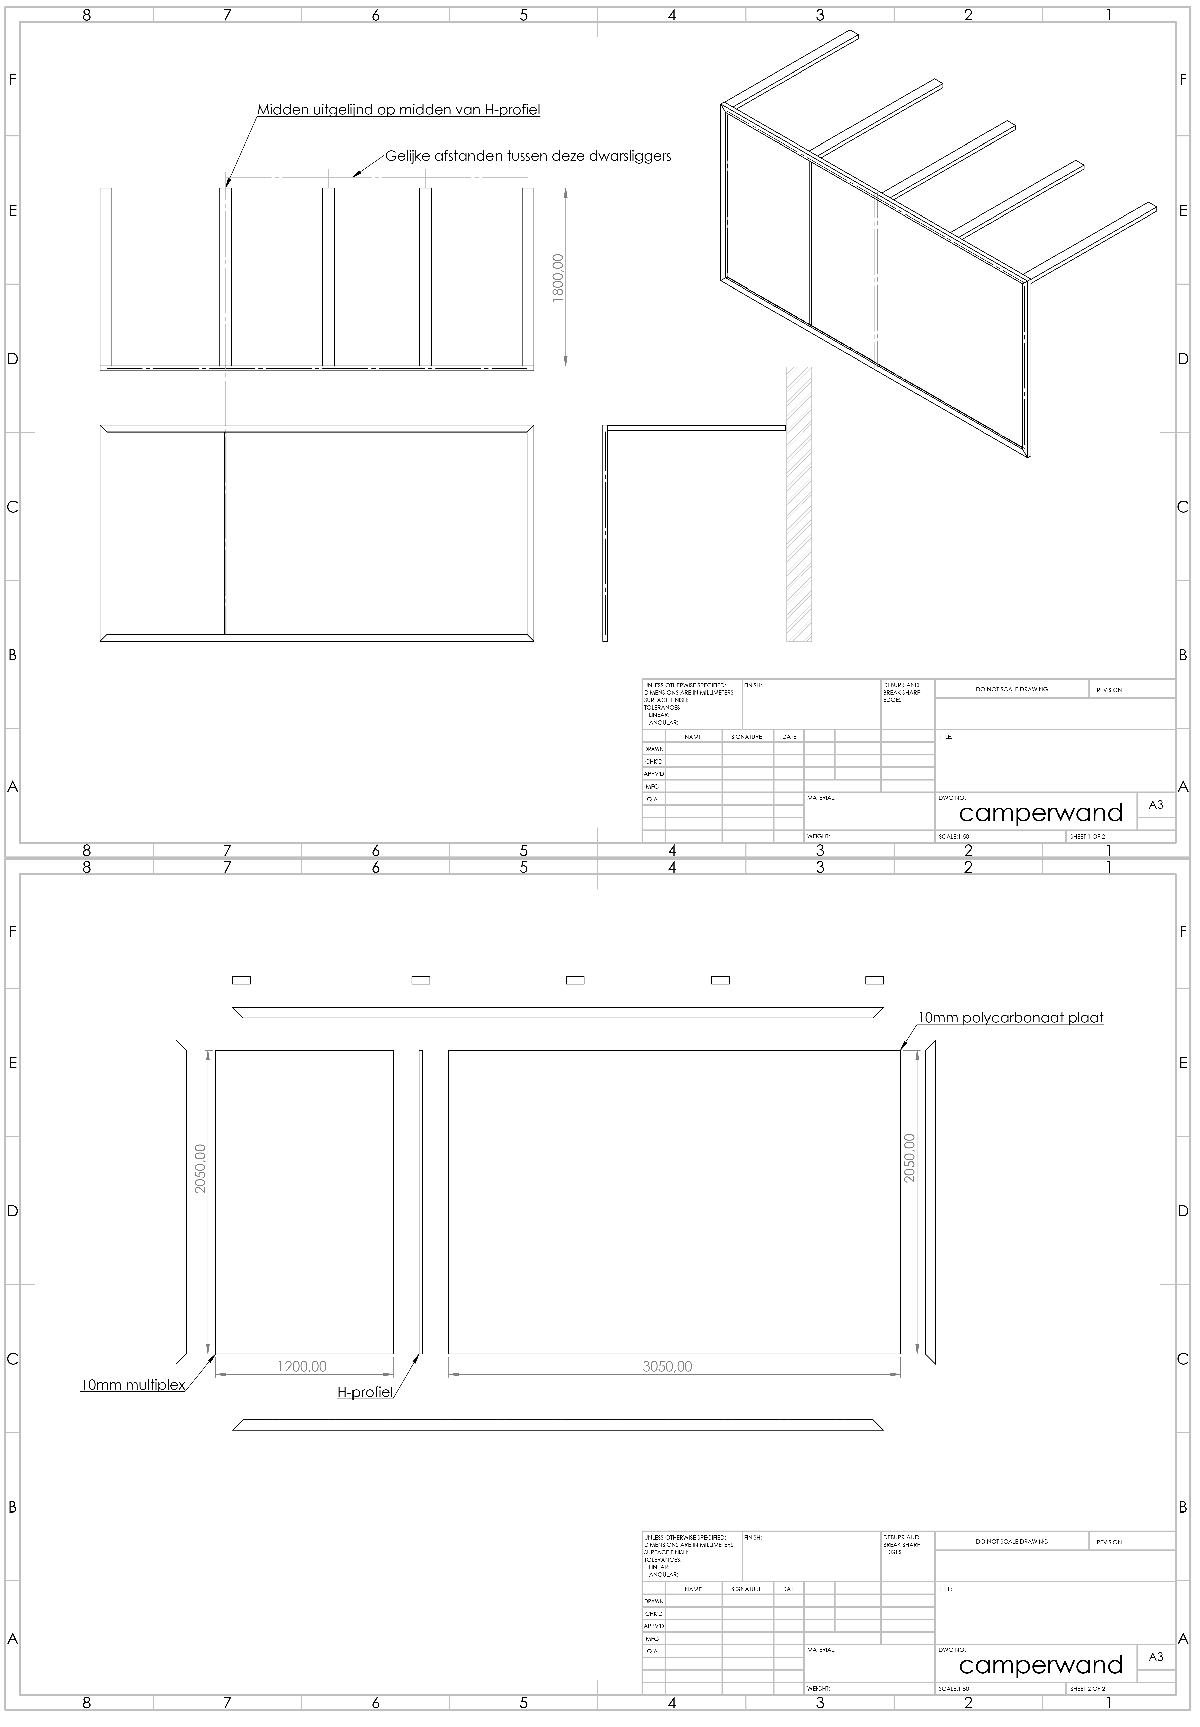 camperwand-1-tekening